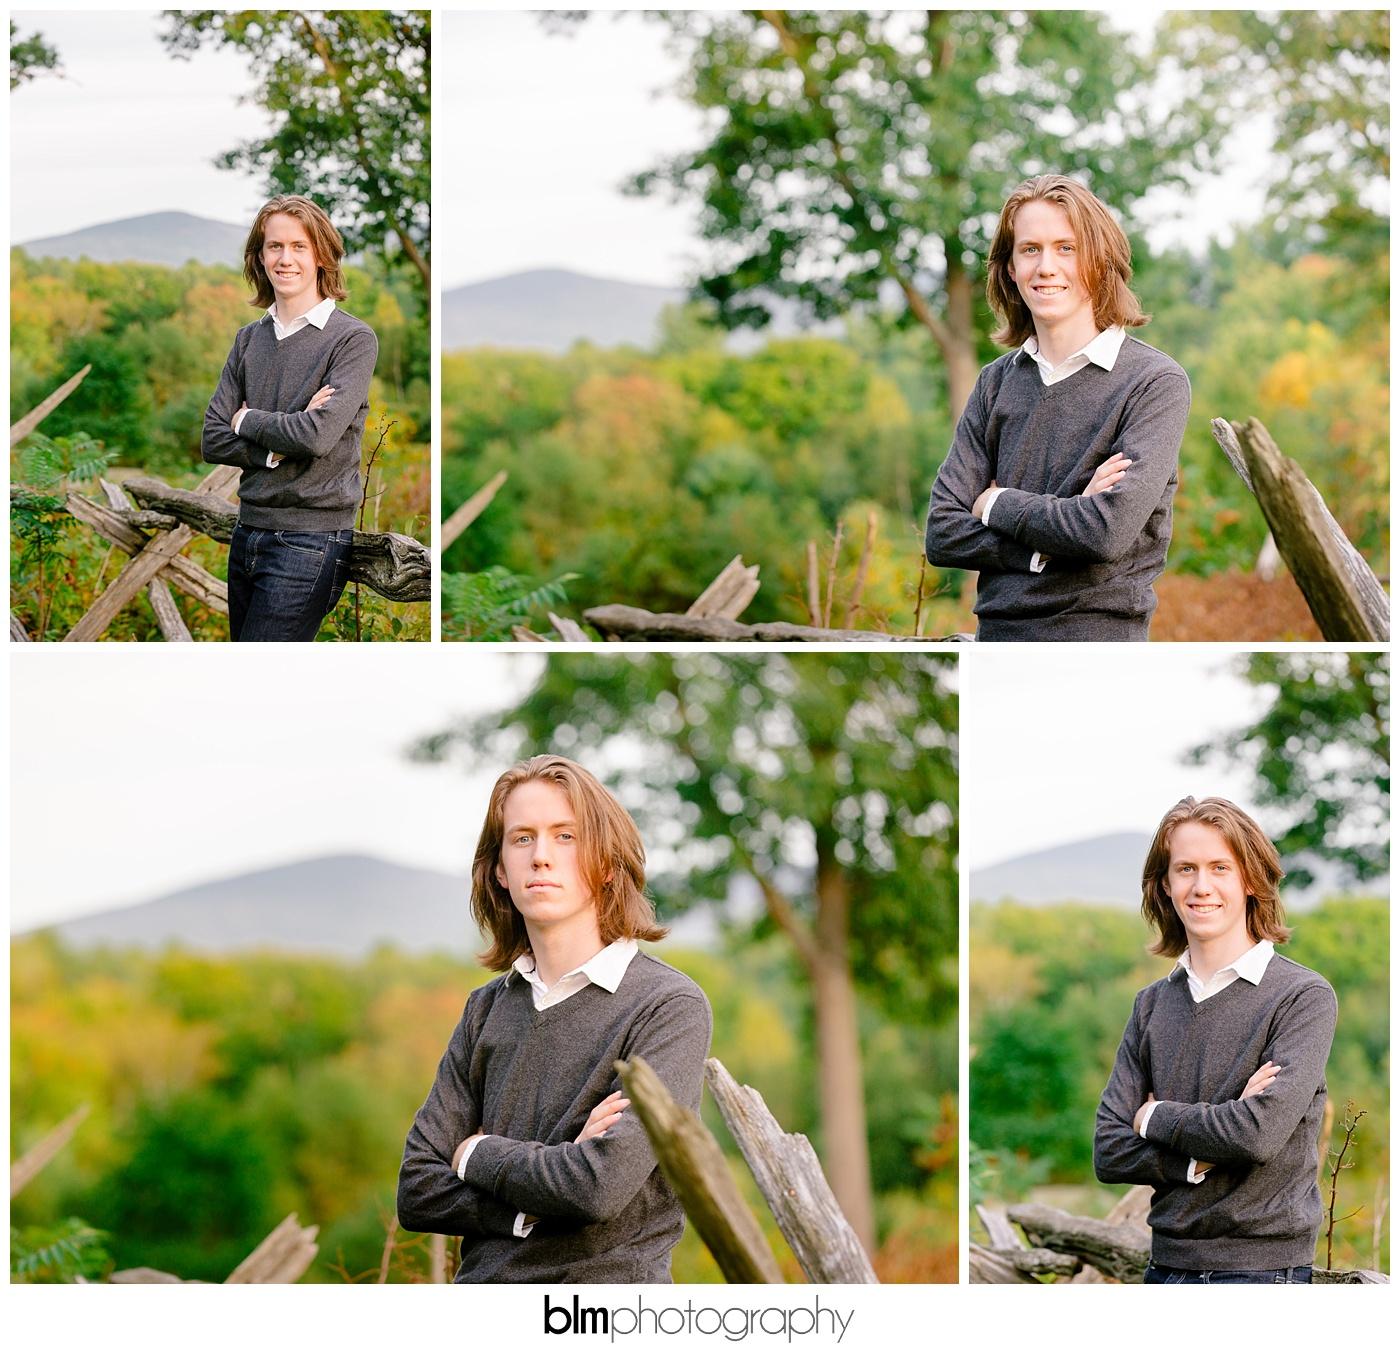 Ryan-Hoiriis_Senior-Portraits_092116-8596.jpg